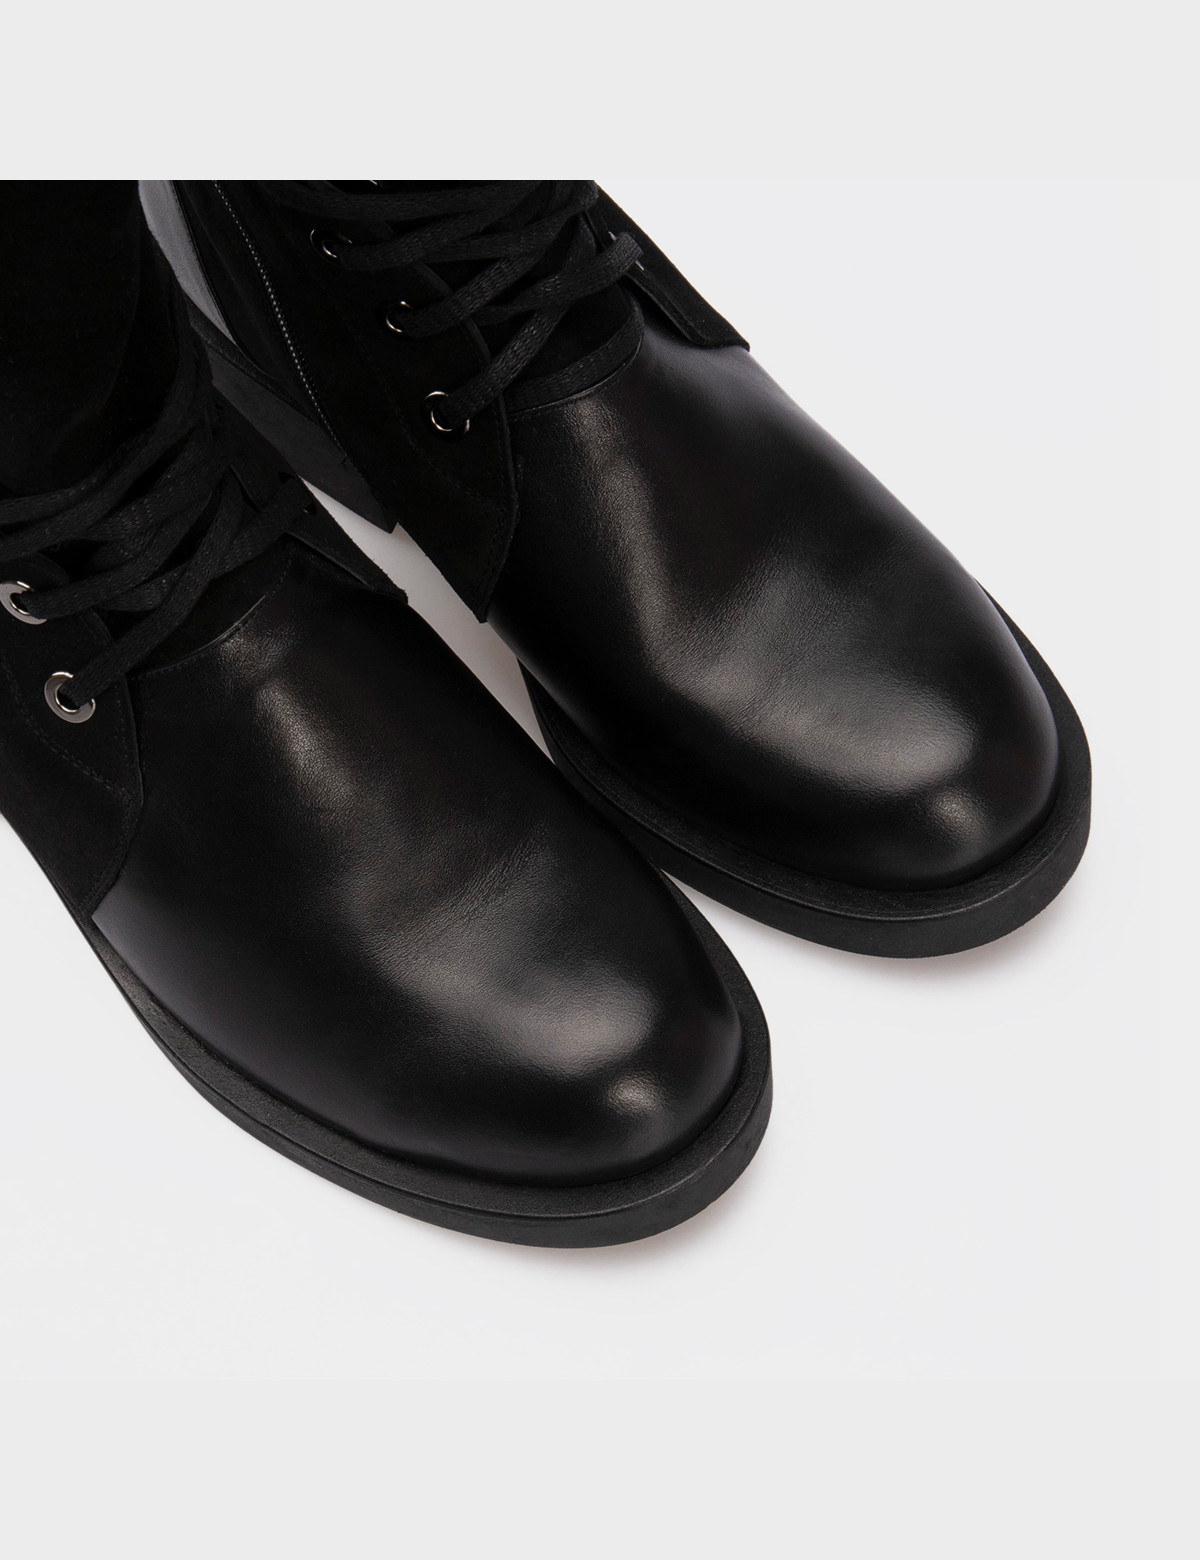 Черевики чорні, натуральна шкіра / замша. Вовна4